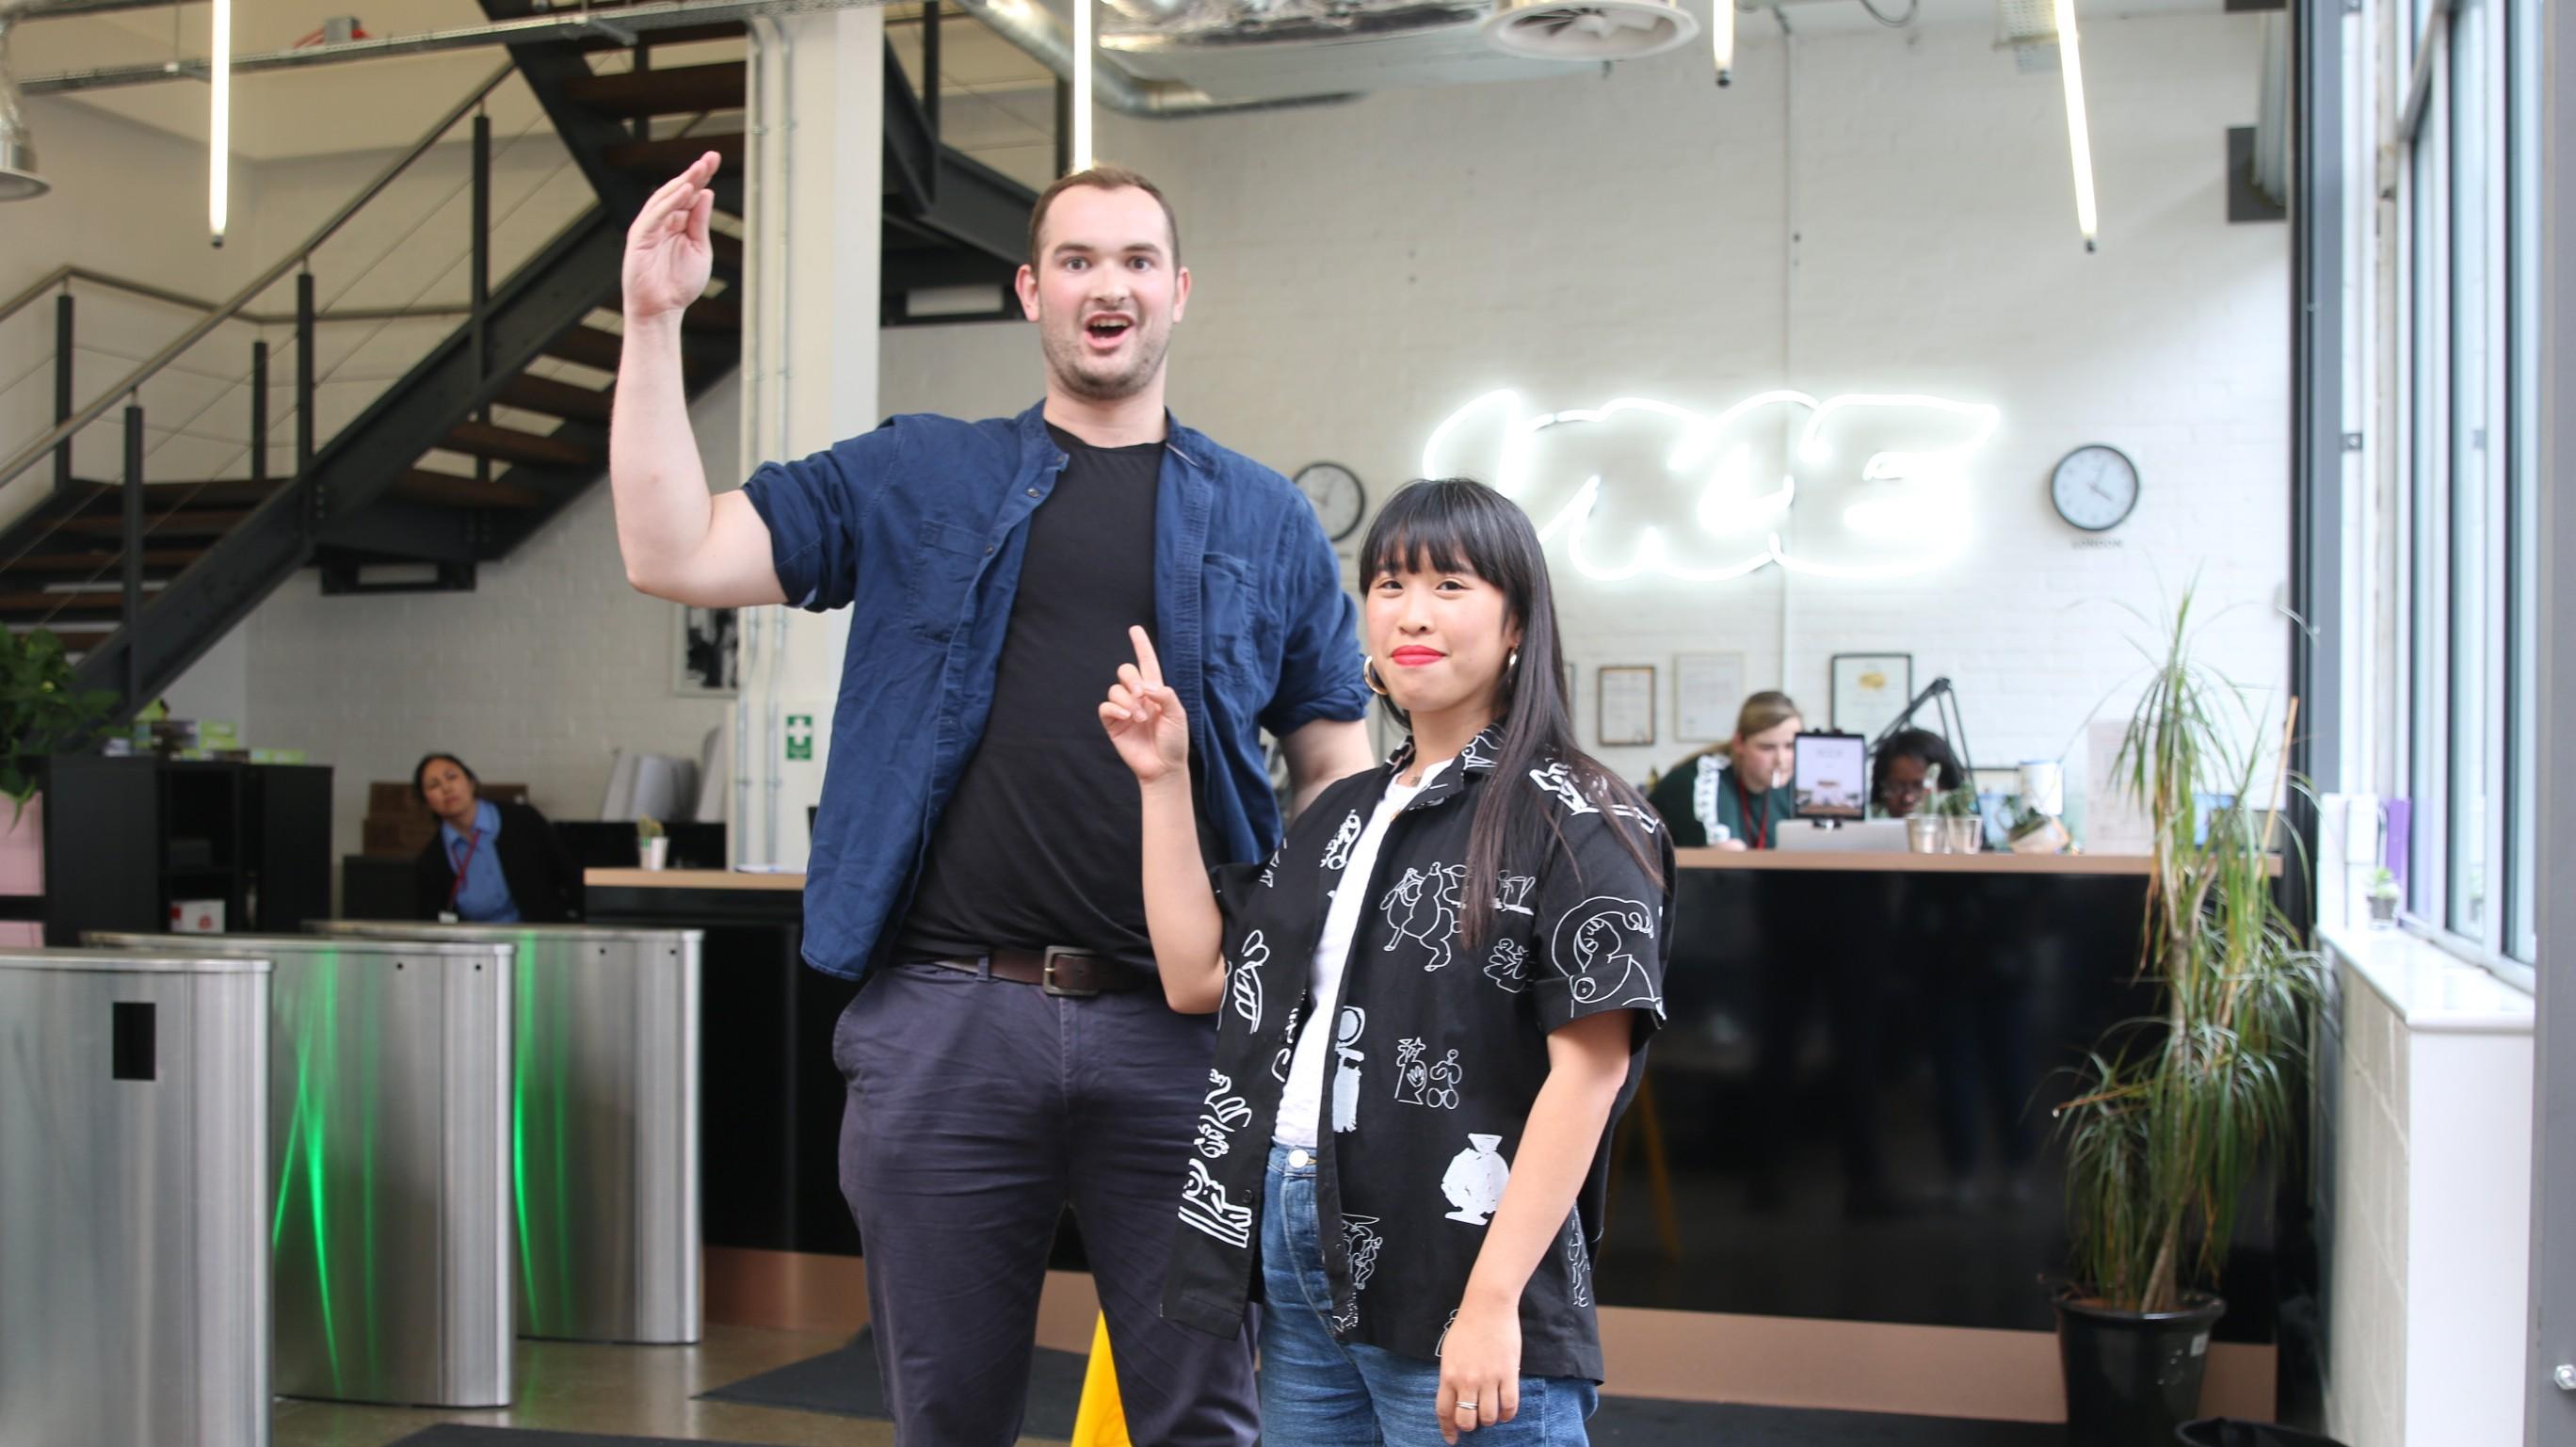 Frau viel größer als mann